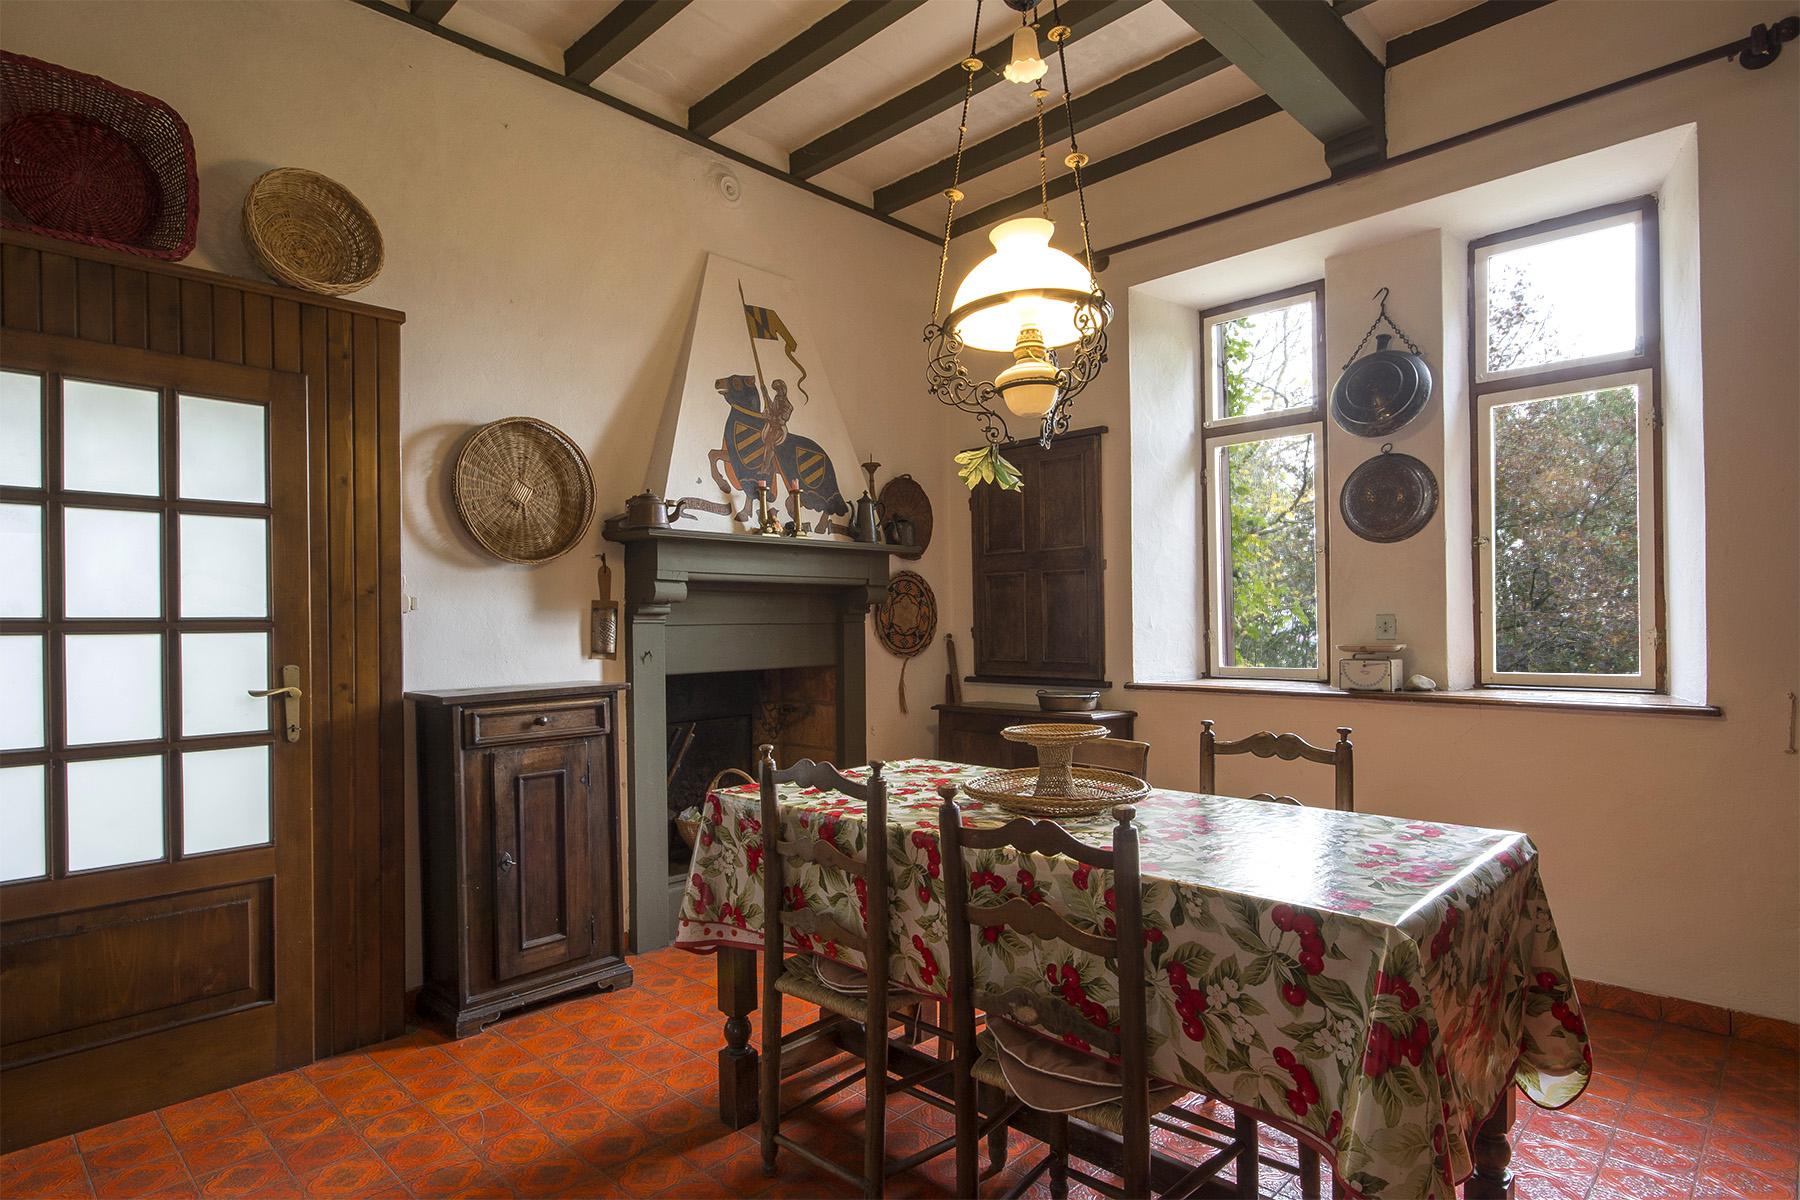 Casa indipendente in Vendita a Traversetolo: 5 locali, 350 mq - Foto 6